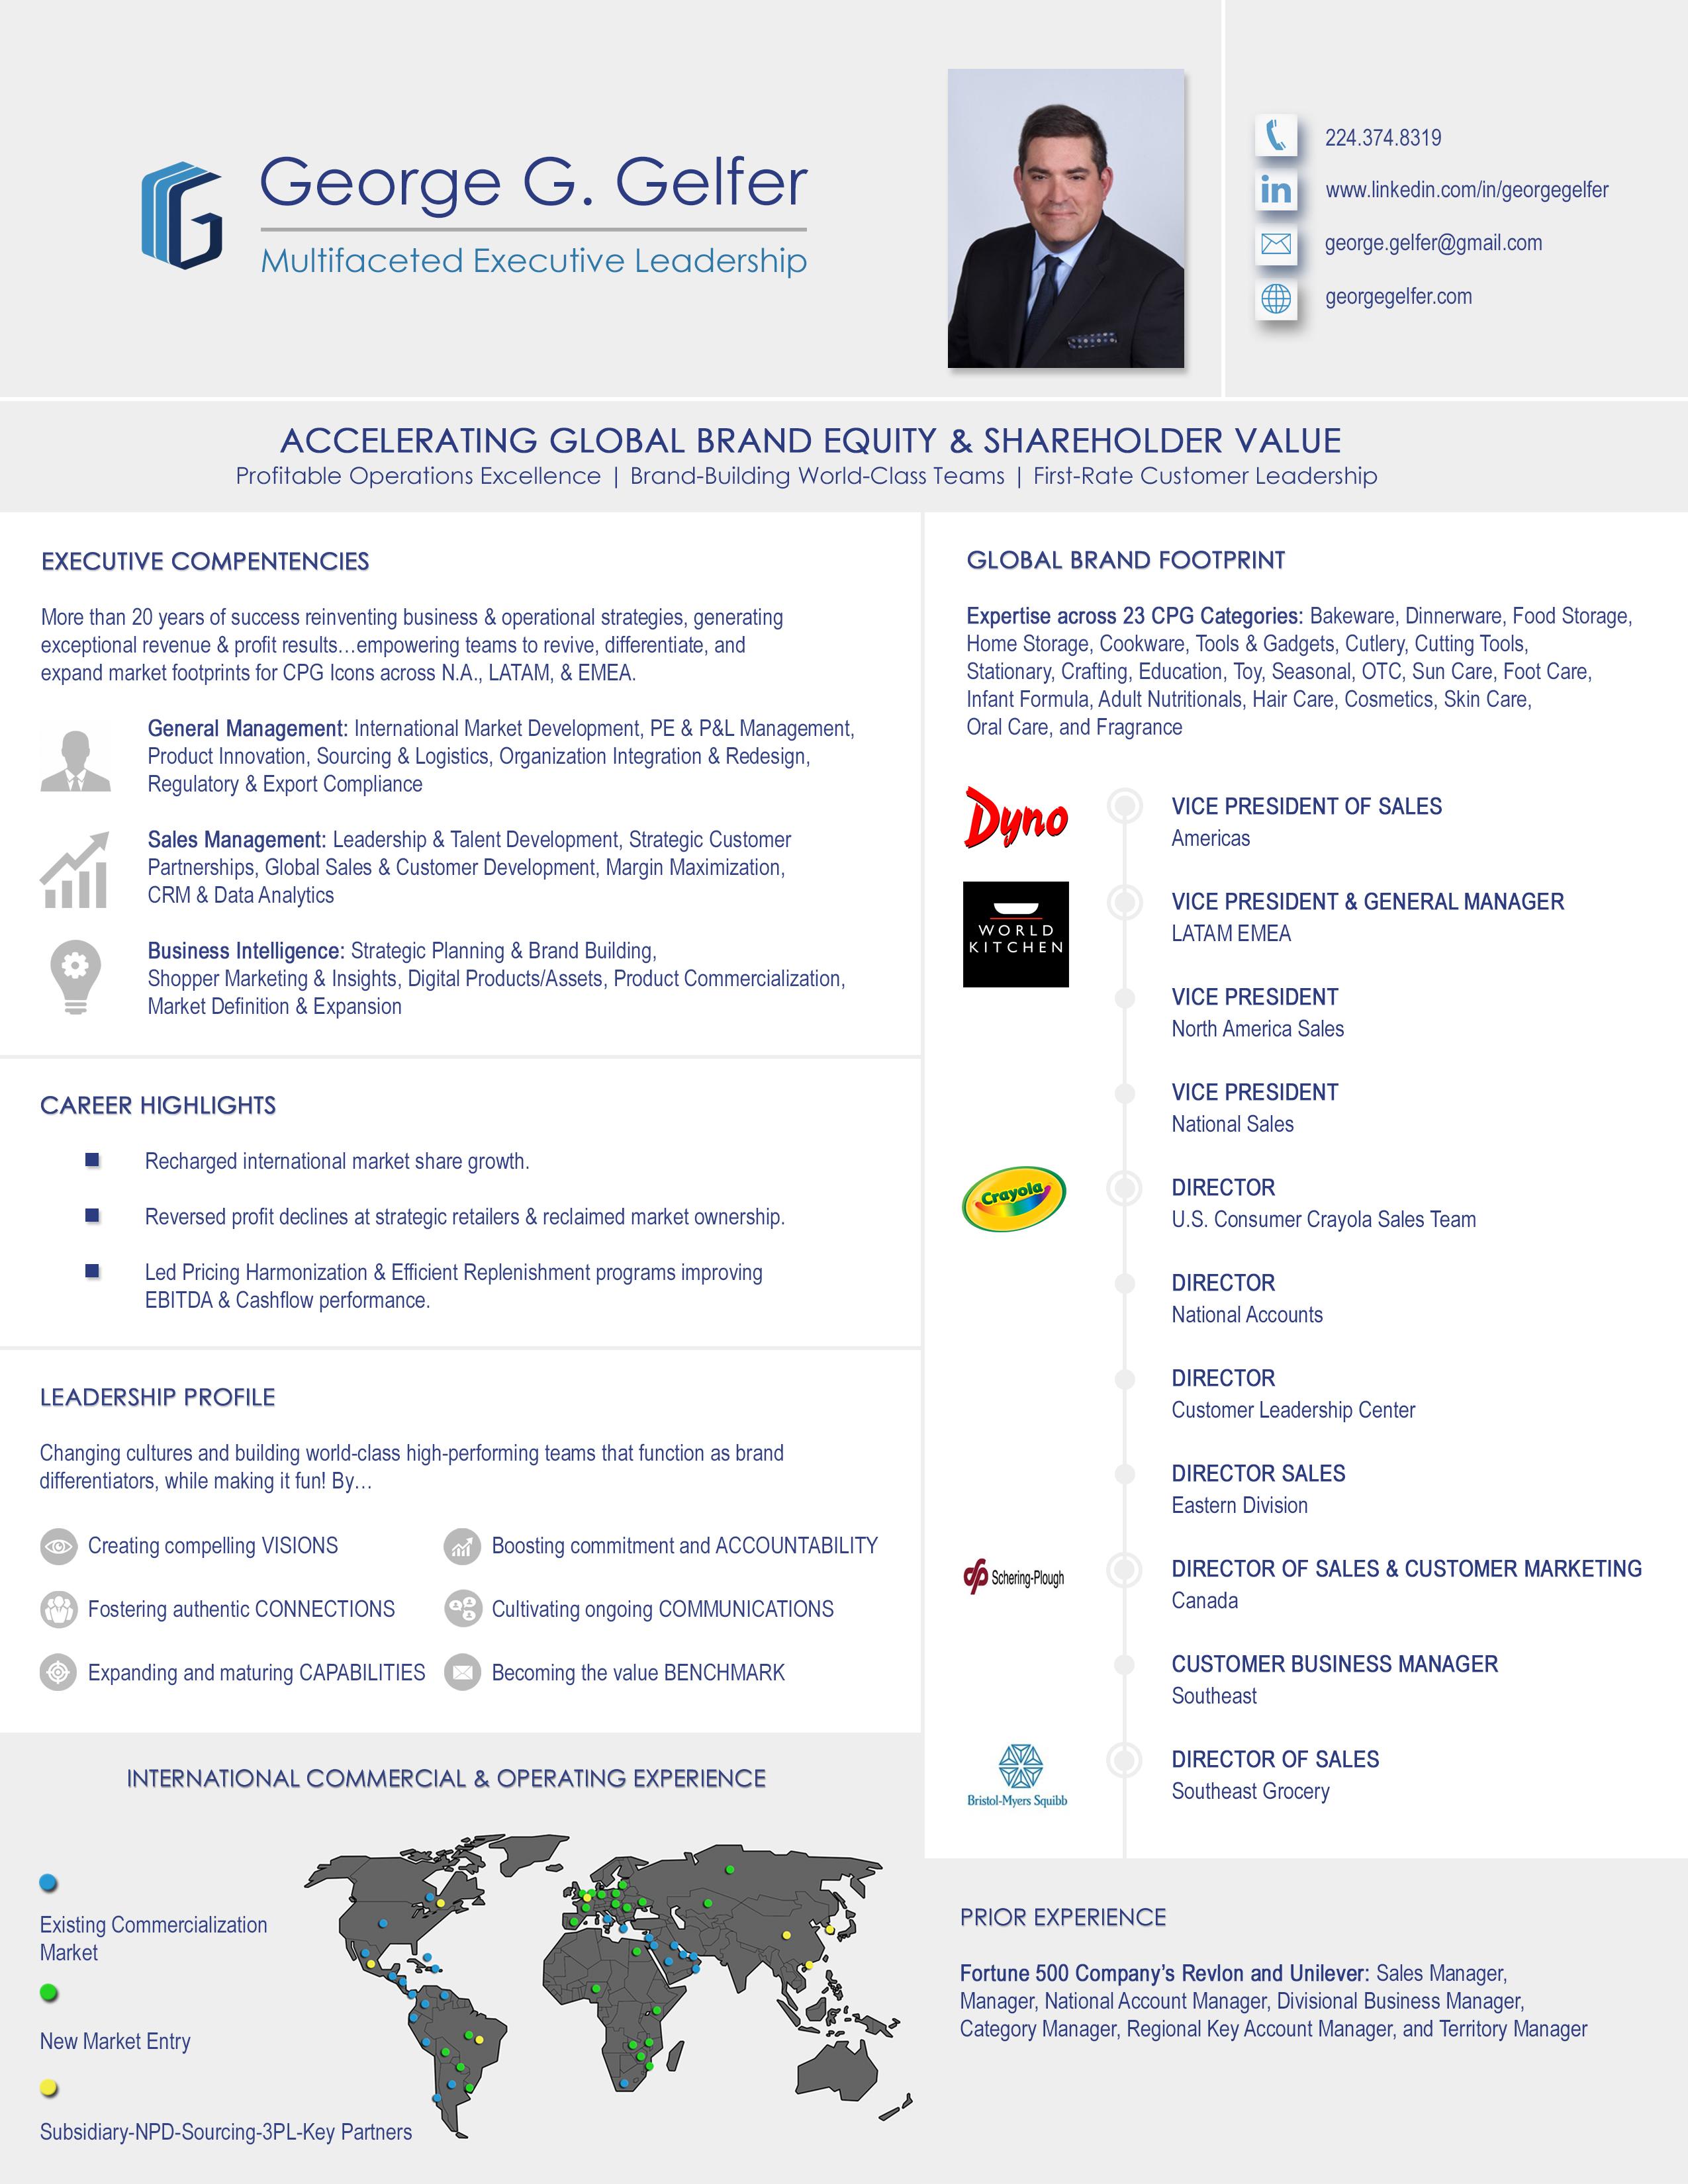 resume george gelfer website